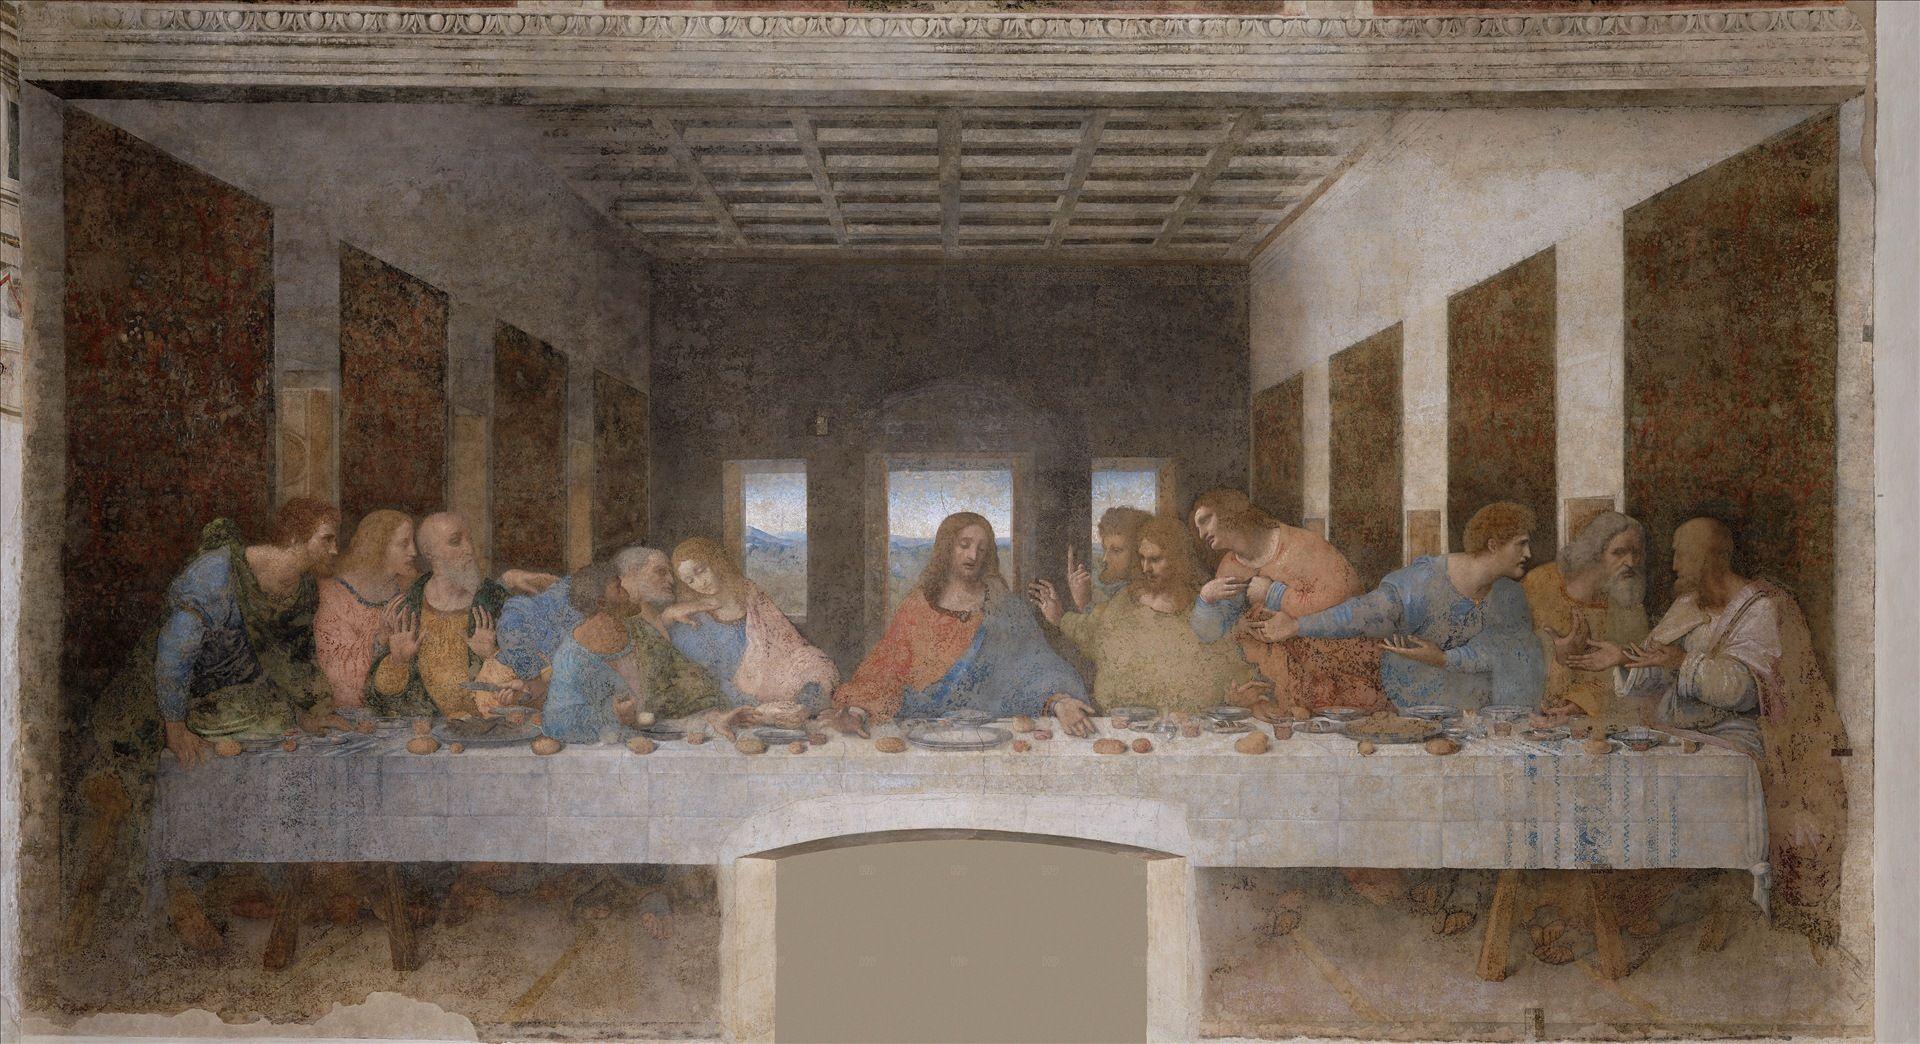 The Last Supper by Leonardo da Vinci - Santa Maria delle Grazie, Milan